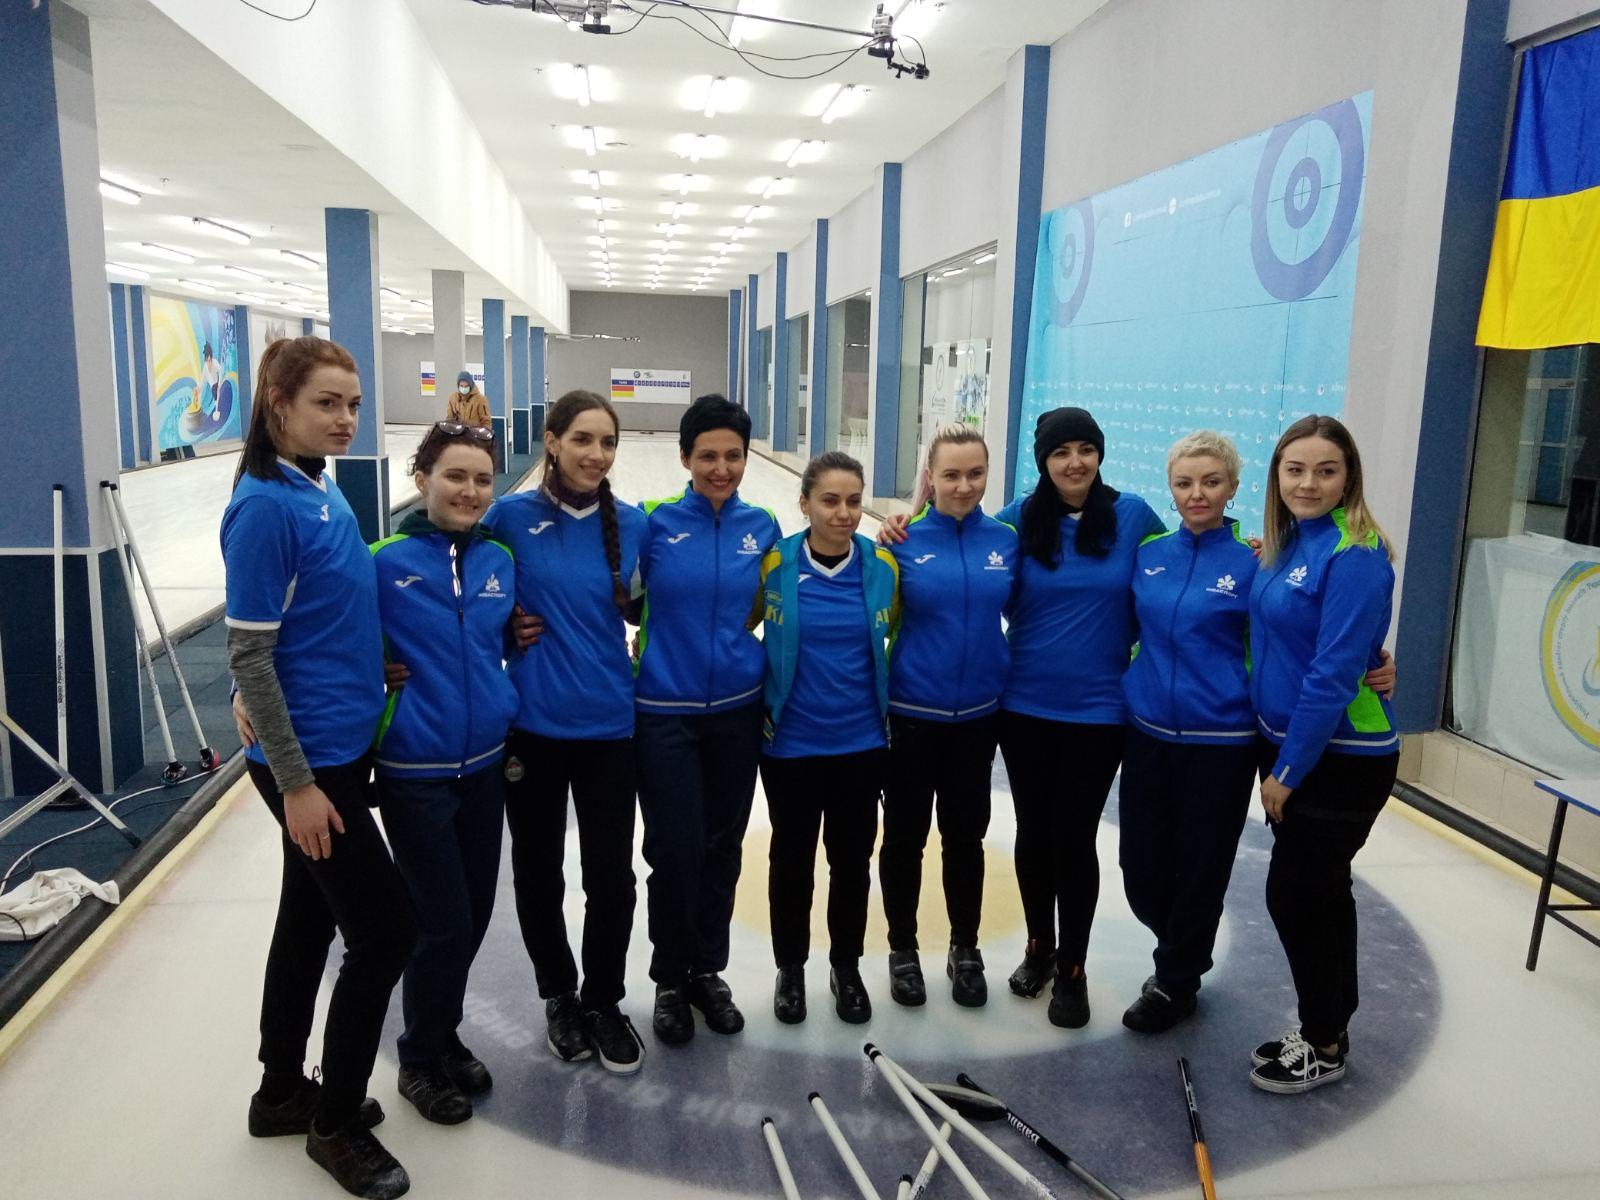 чемпіонат України з керлінгу серед спортсменів з порушеннями слуху. фото